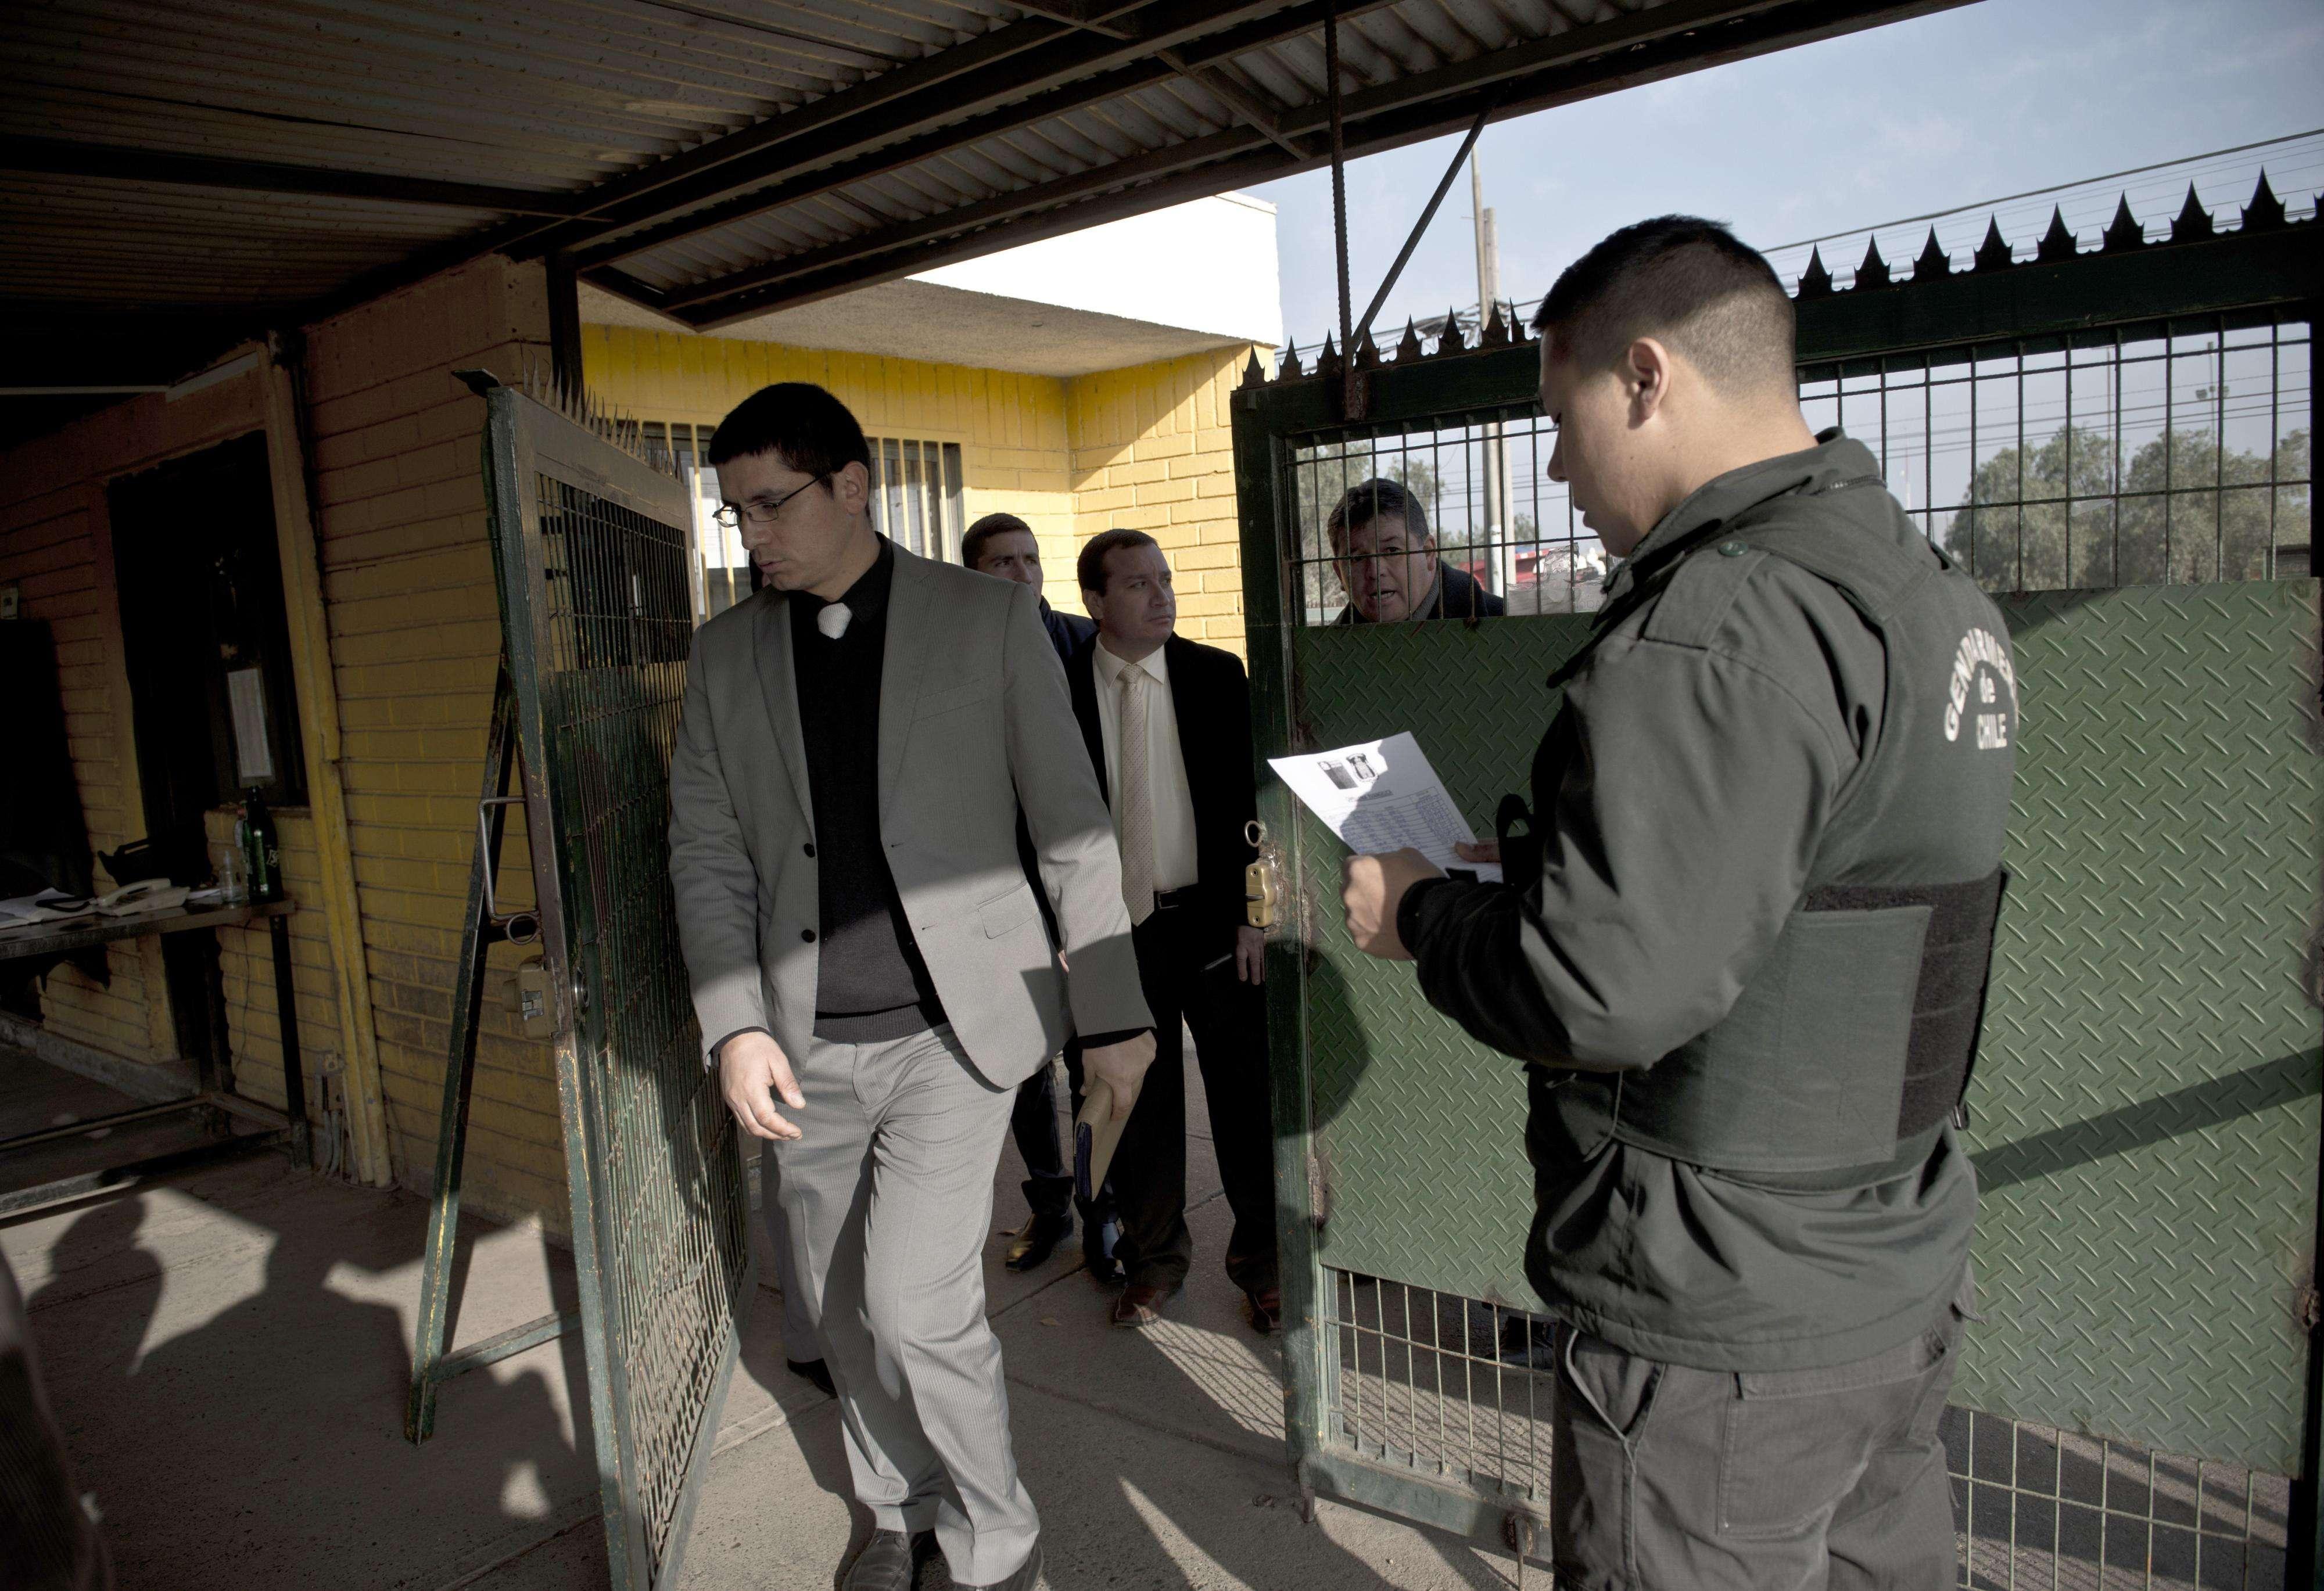 Evangélicos revolucionan las cárceles con traje y corbata